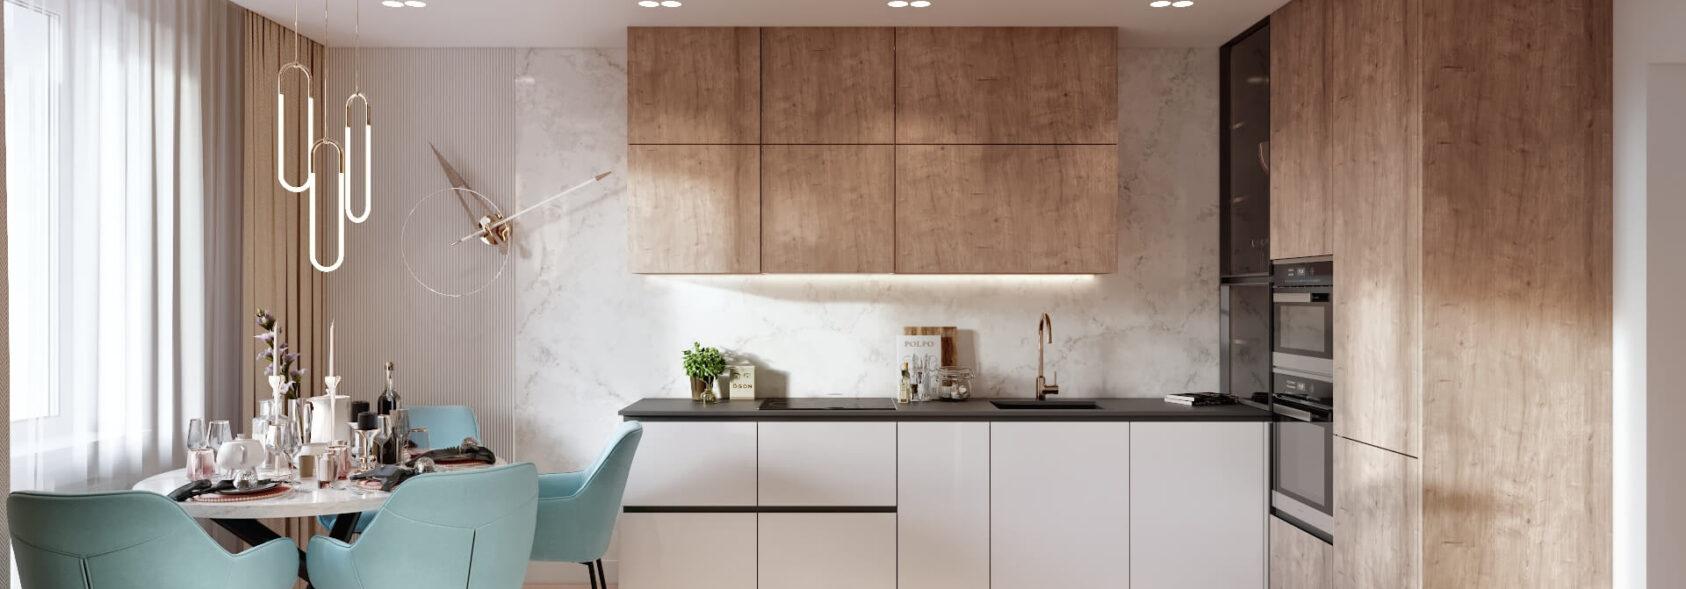 Дизайн двухэтажной квартиры кухня